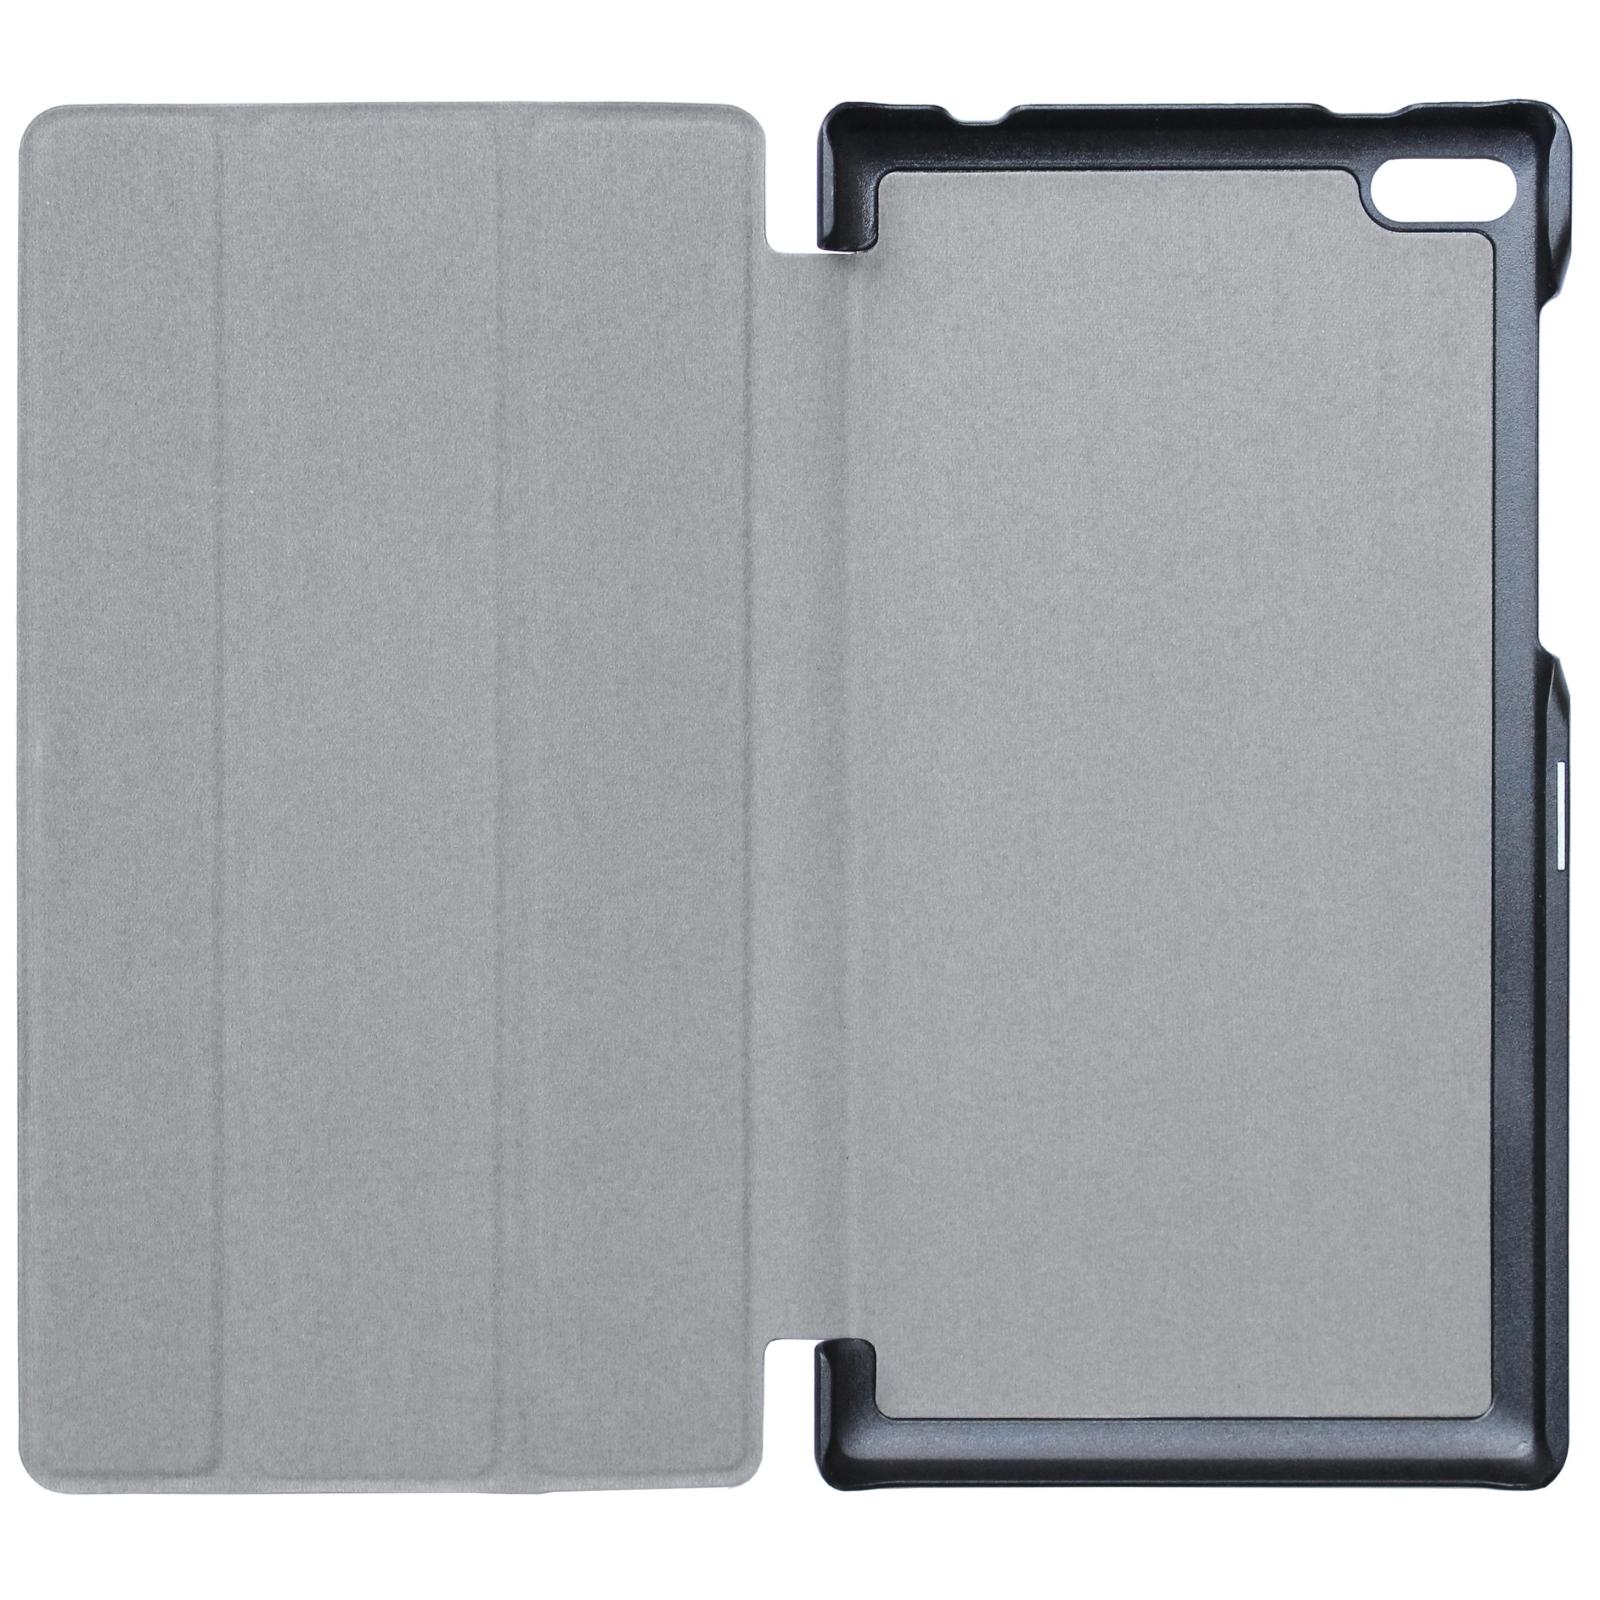 Чехол для планшета Grand-X для Lenovo TAB4 7 TB-7304x Black (LT47PBK) изображение 4